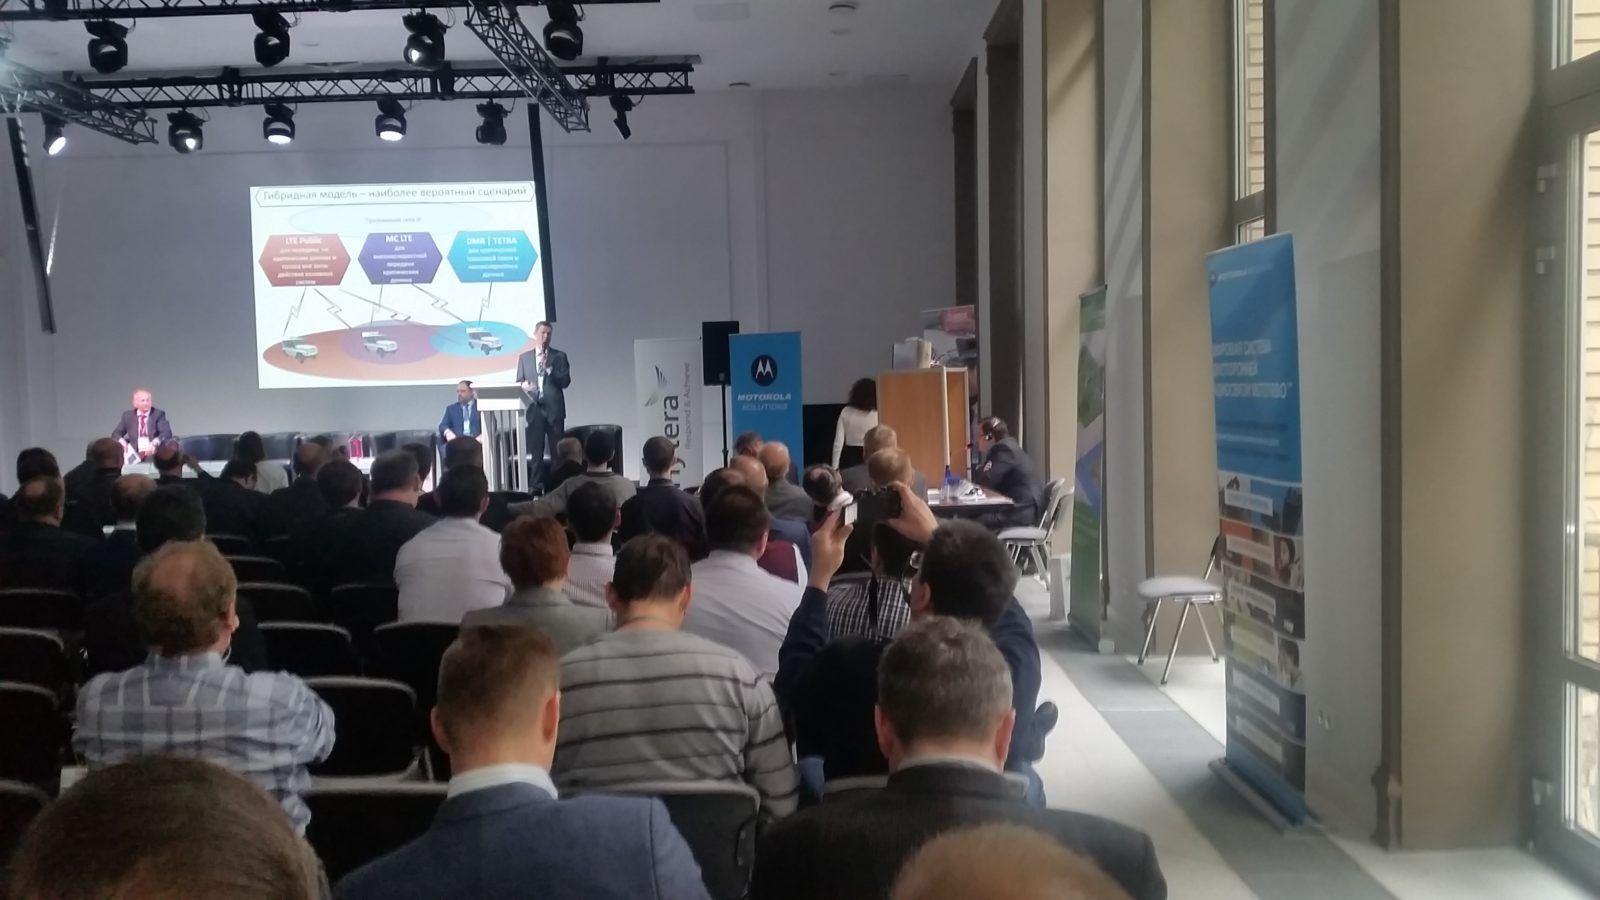 XI Международный форум-выставка «Профессиональная мобильная радиосвязь, спутниковая связь и навигация»